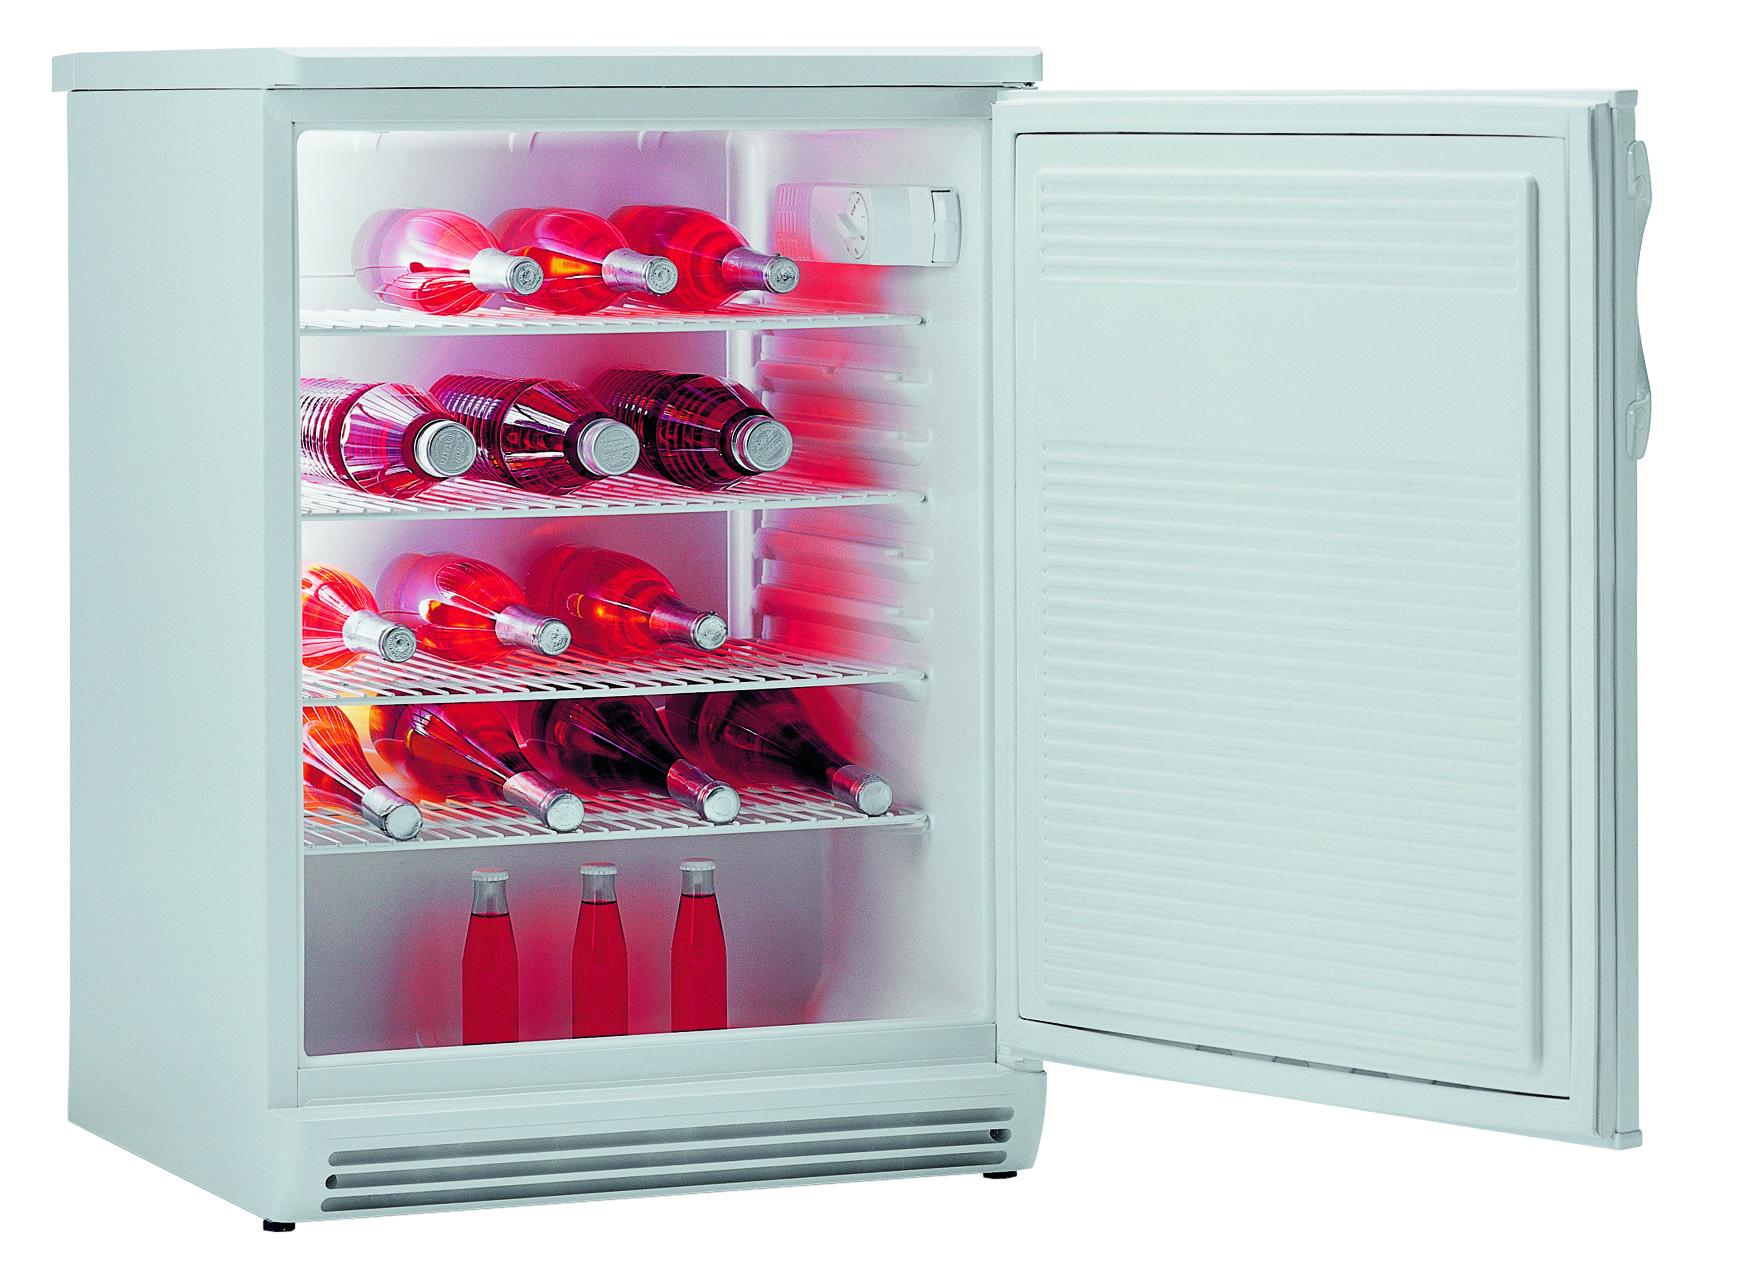 Gorenje Kühlschrank Unterbau Kühlschrank : Gorenje rvc w stand flaschenkühlschrank energieeffizienzklasse